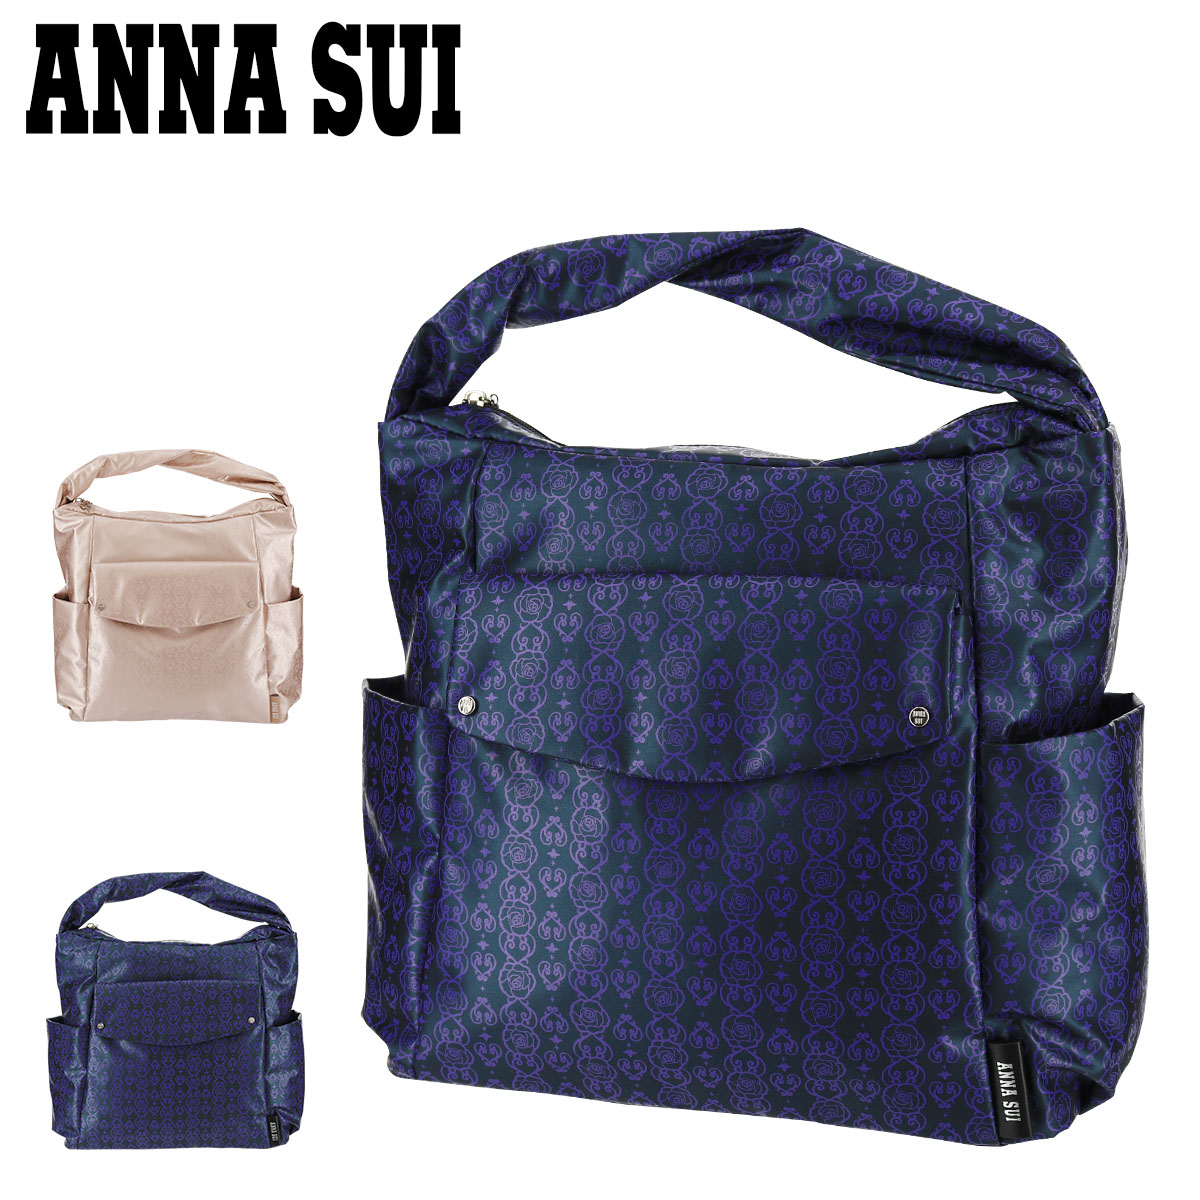 アナ スイ リュック クルーズ レディース314243 ANNA SUI | リュックサック ハンドバッグ 軽量